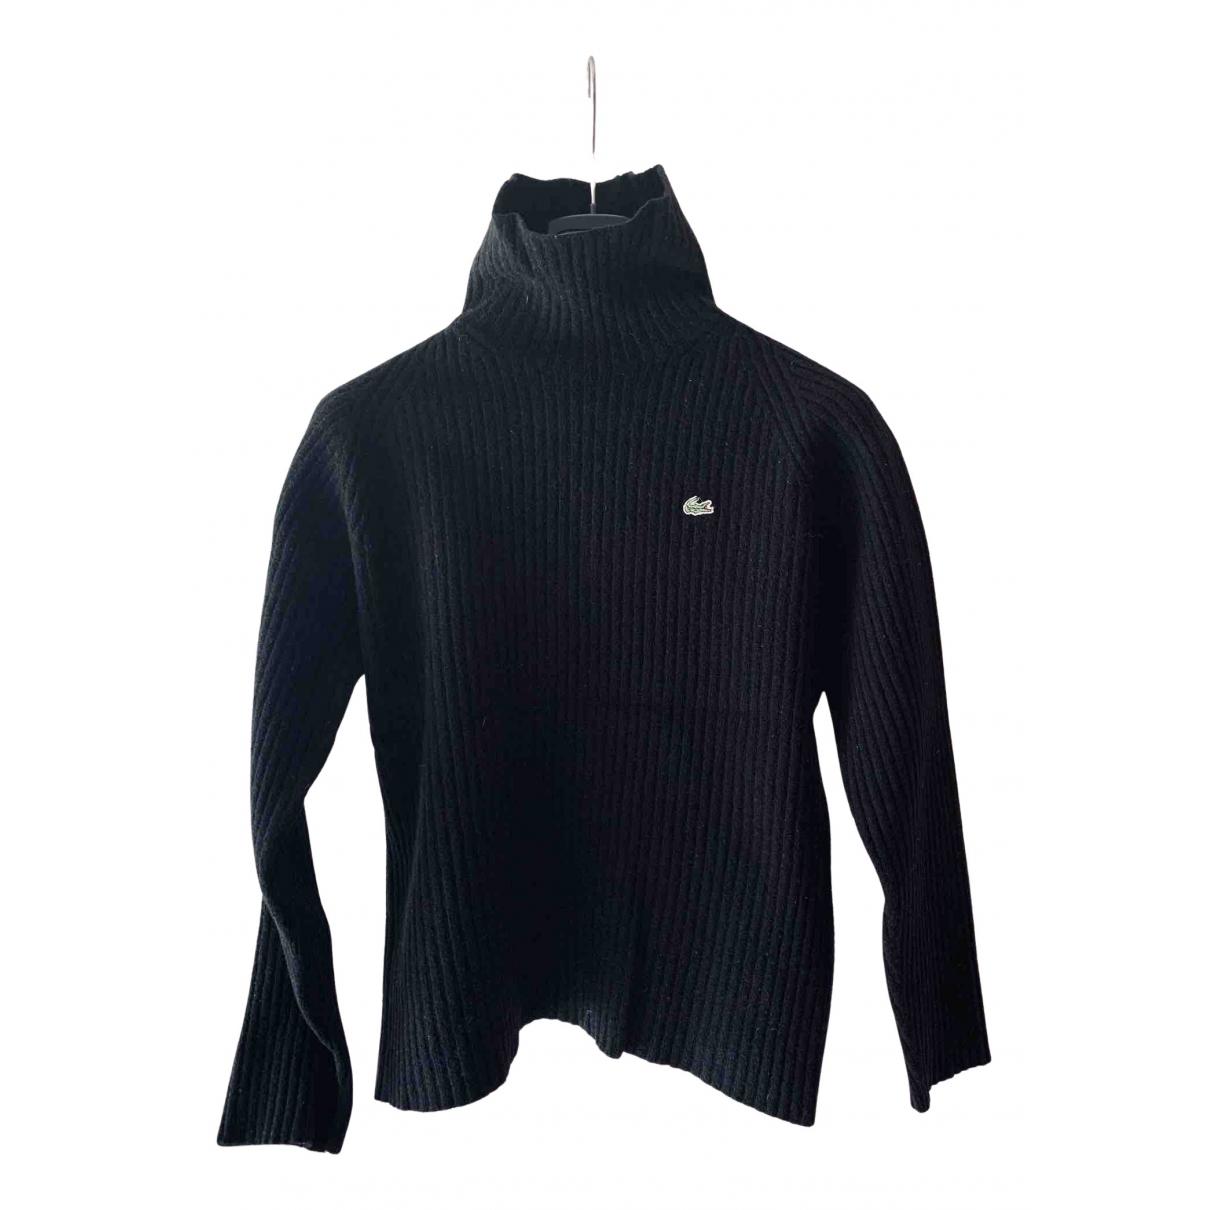 Lacoste N Black Wool Knitwear for Women 40 FR